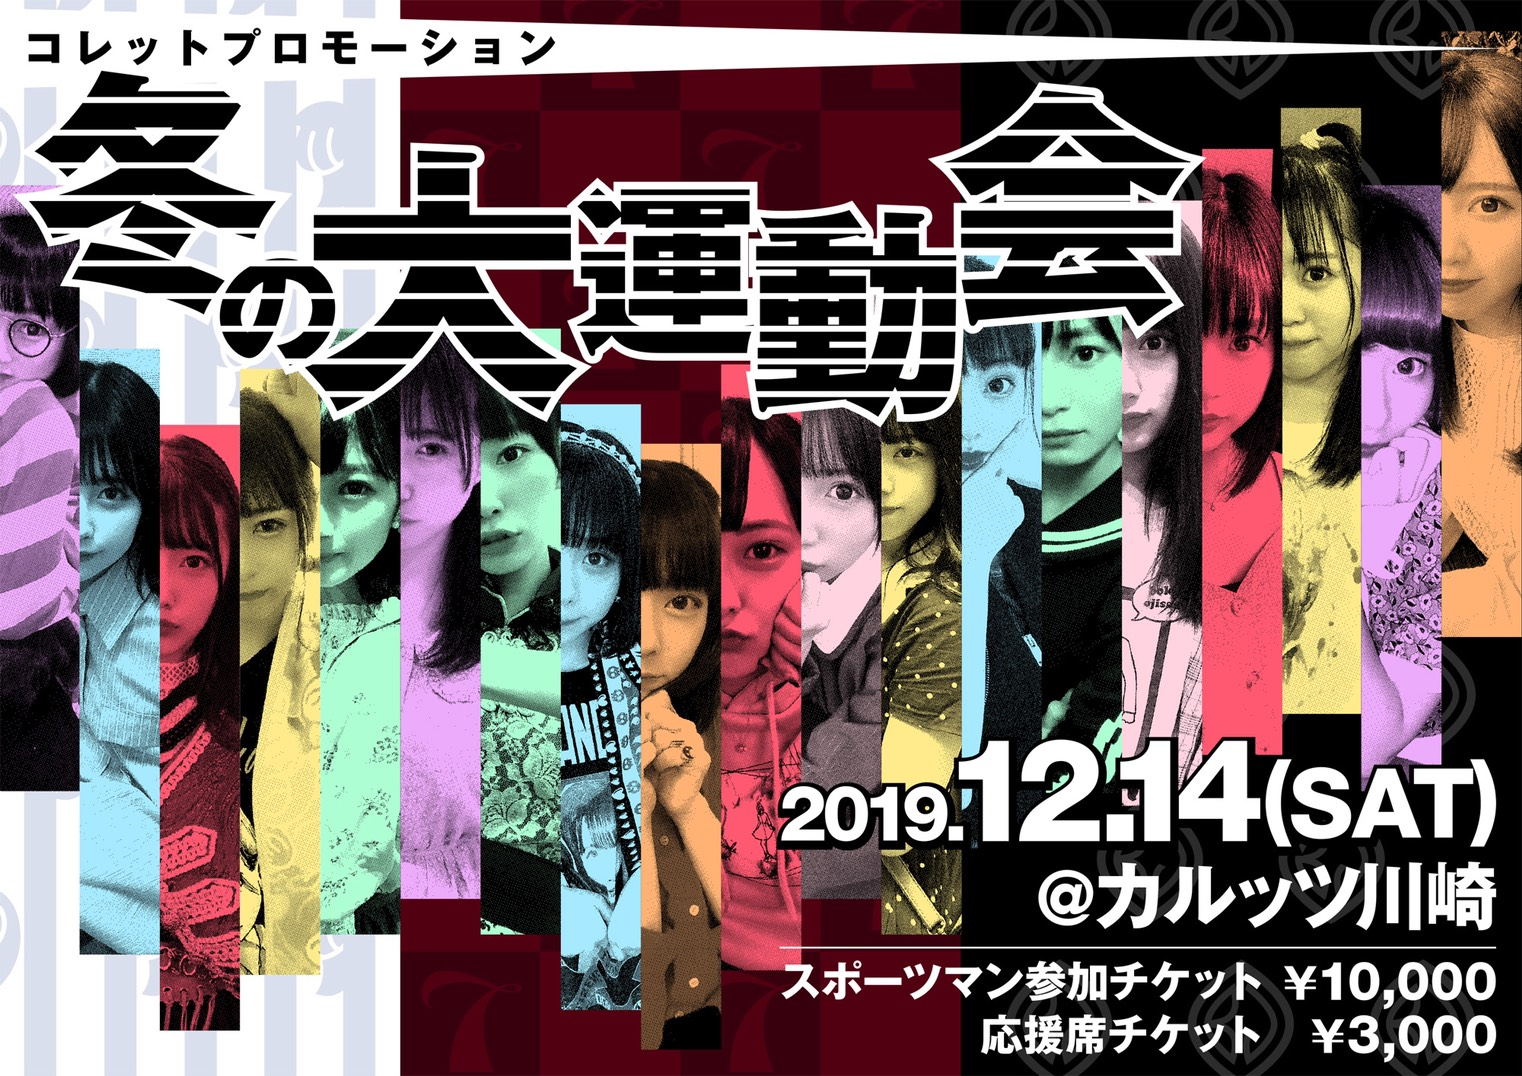 12月14日(土)『コレットプロモーション冬の大運動会』【ナナランドチケット受付】